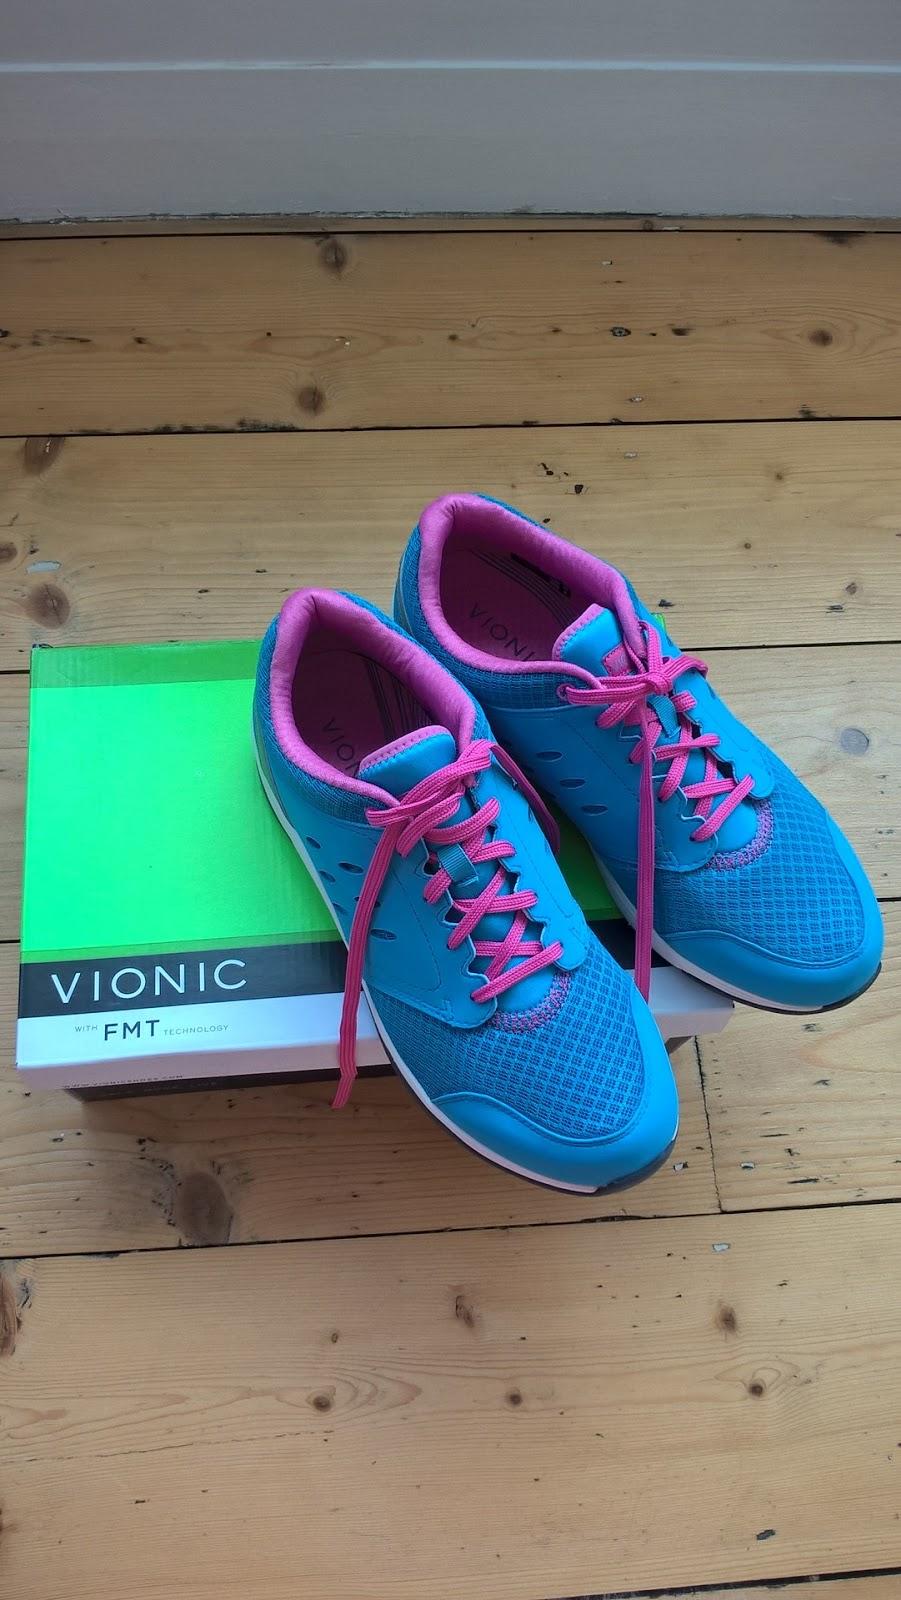 Vionic shoes - Venture Walker trainers